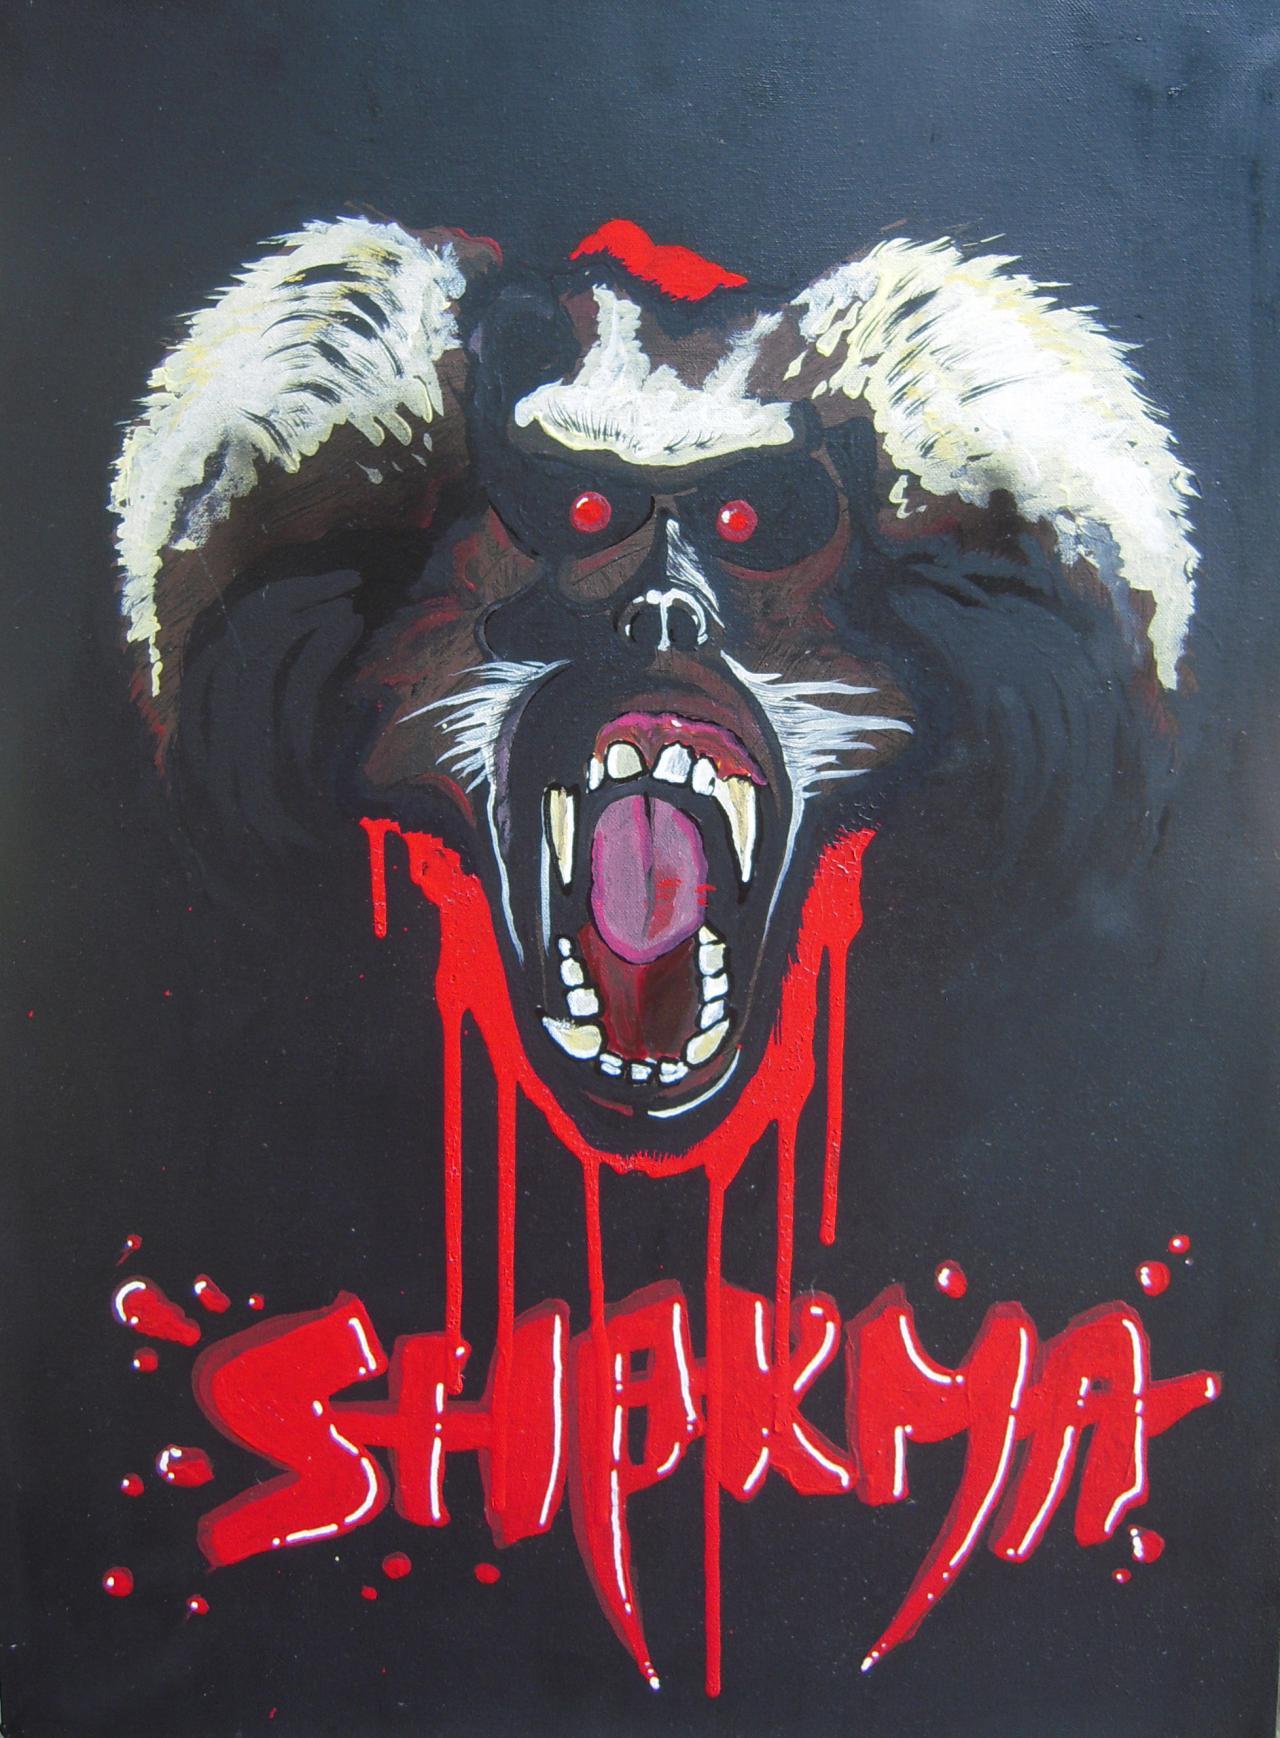 Shakma: A fúria assassina - 1990